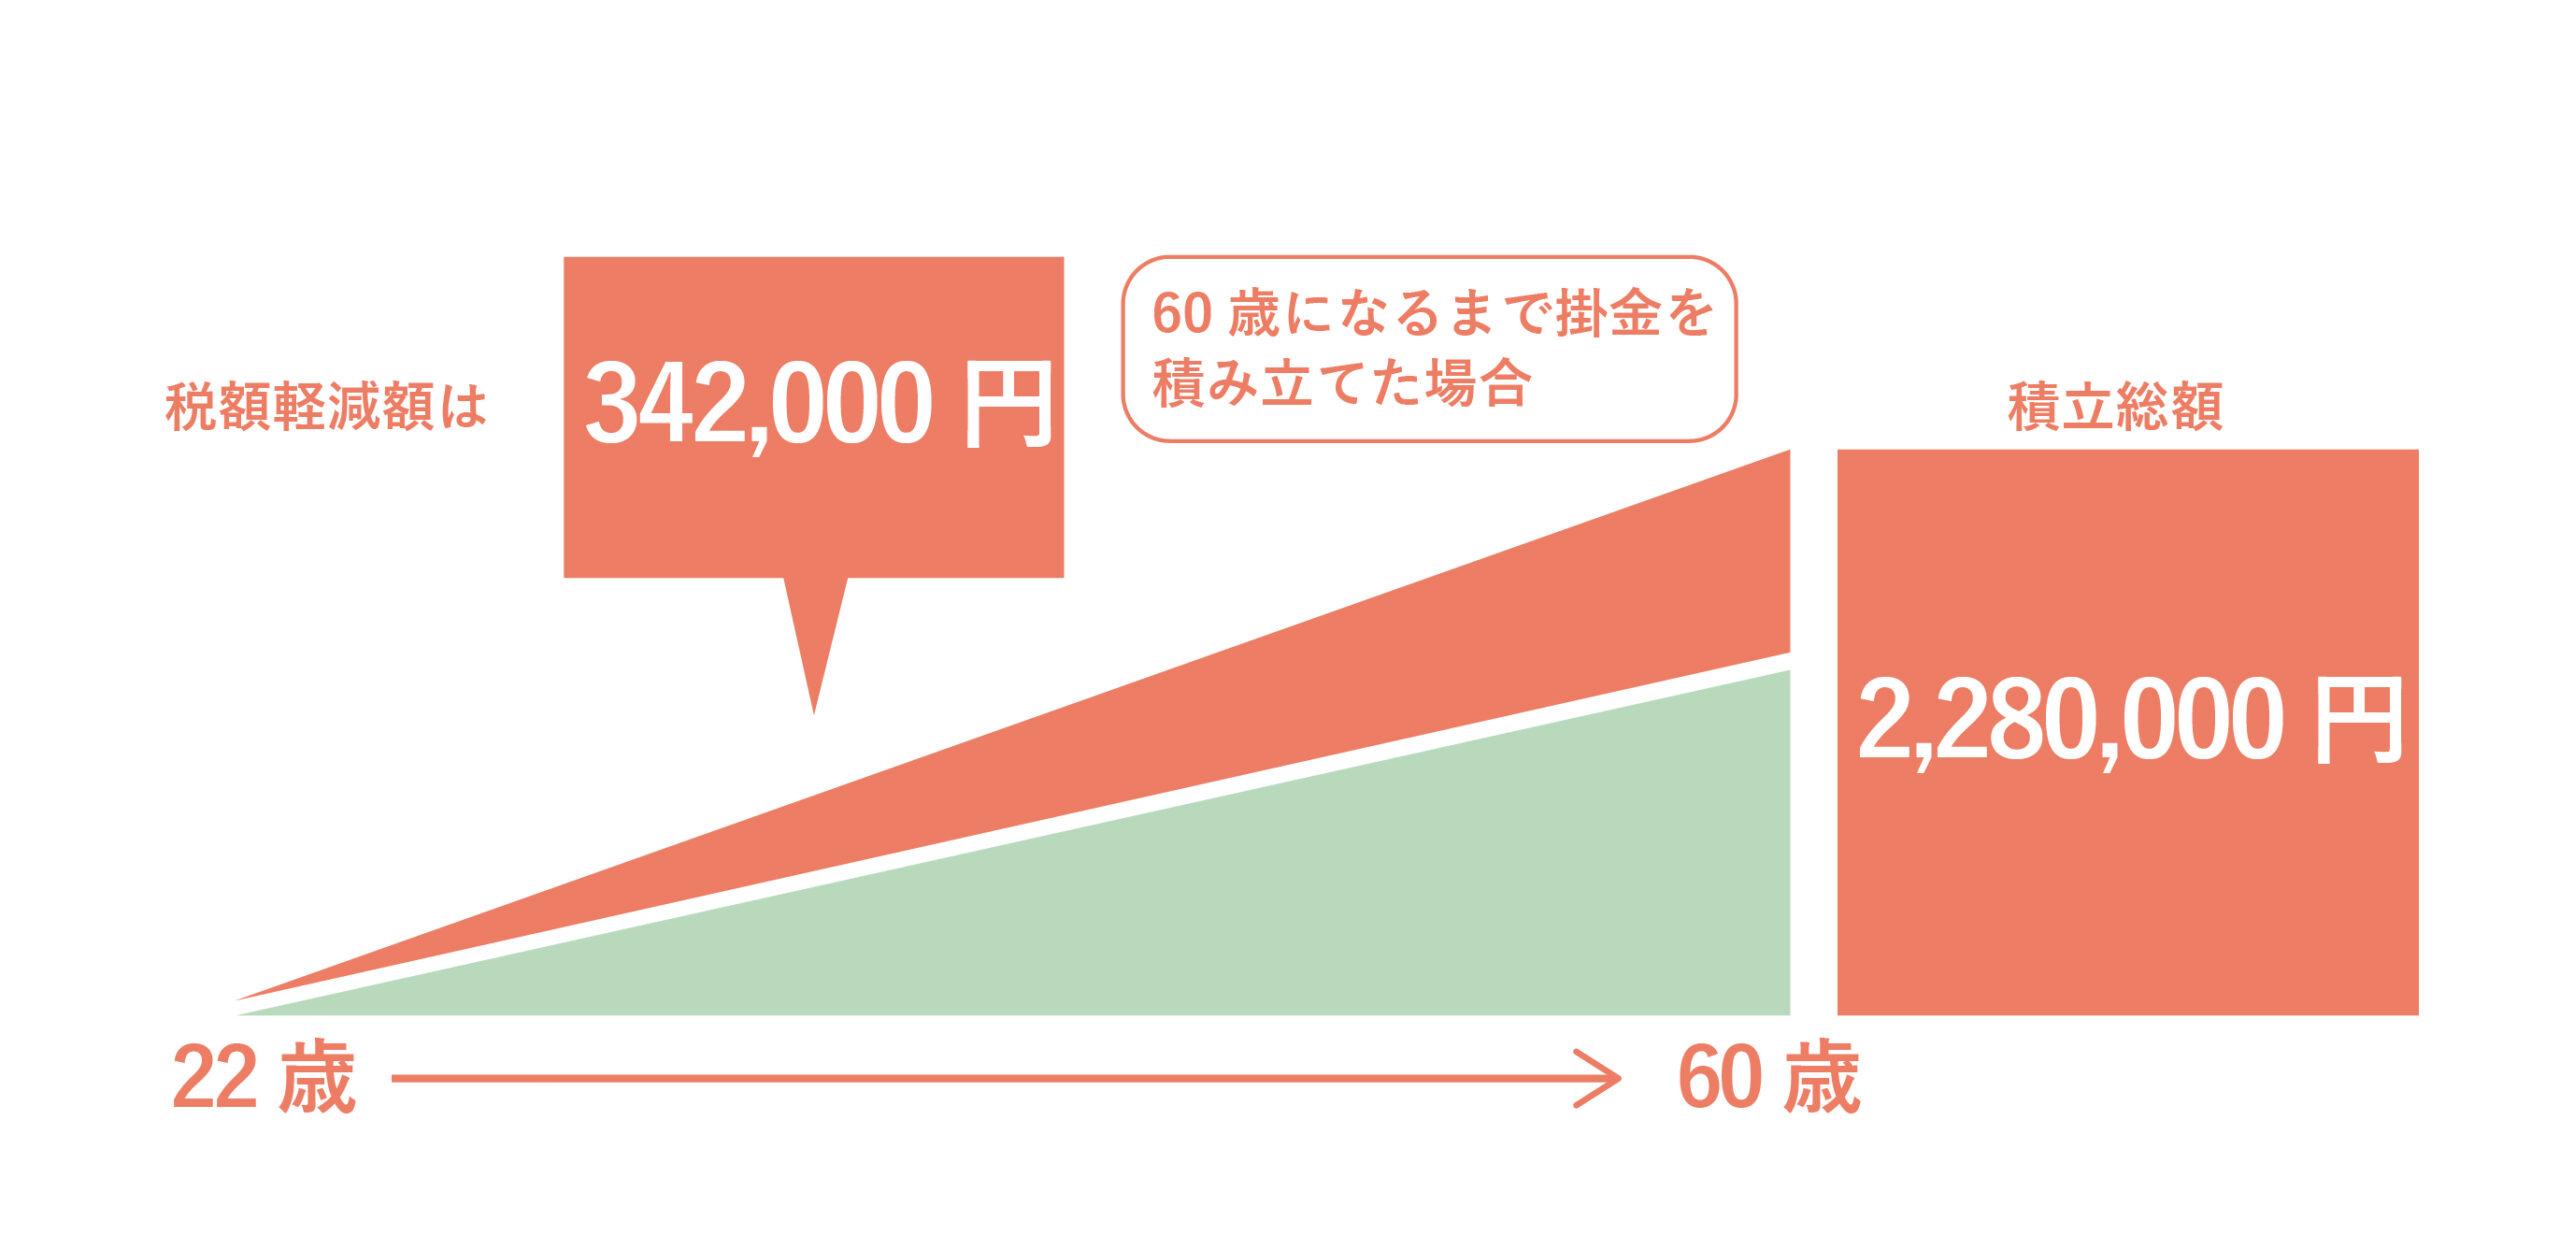 22歳・年収300万円・掛け金5,000円の場合